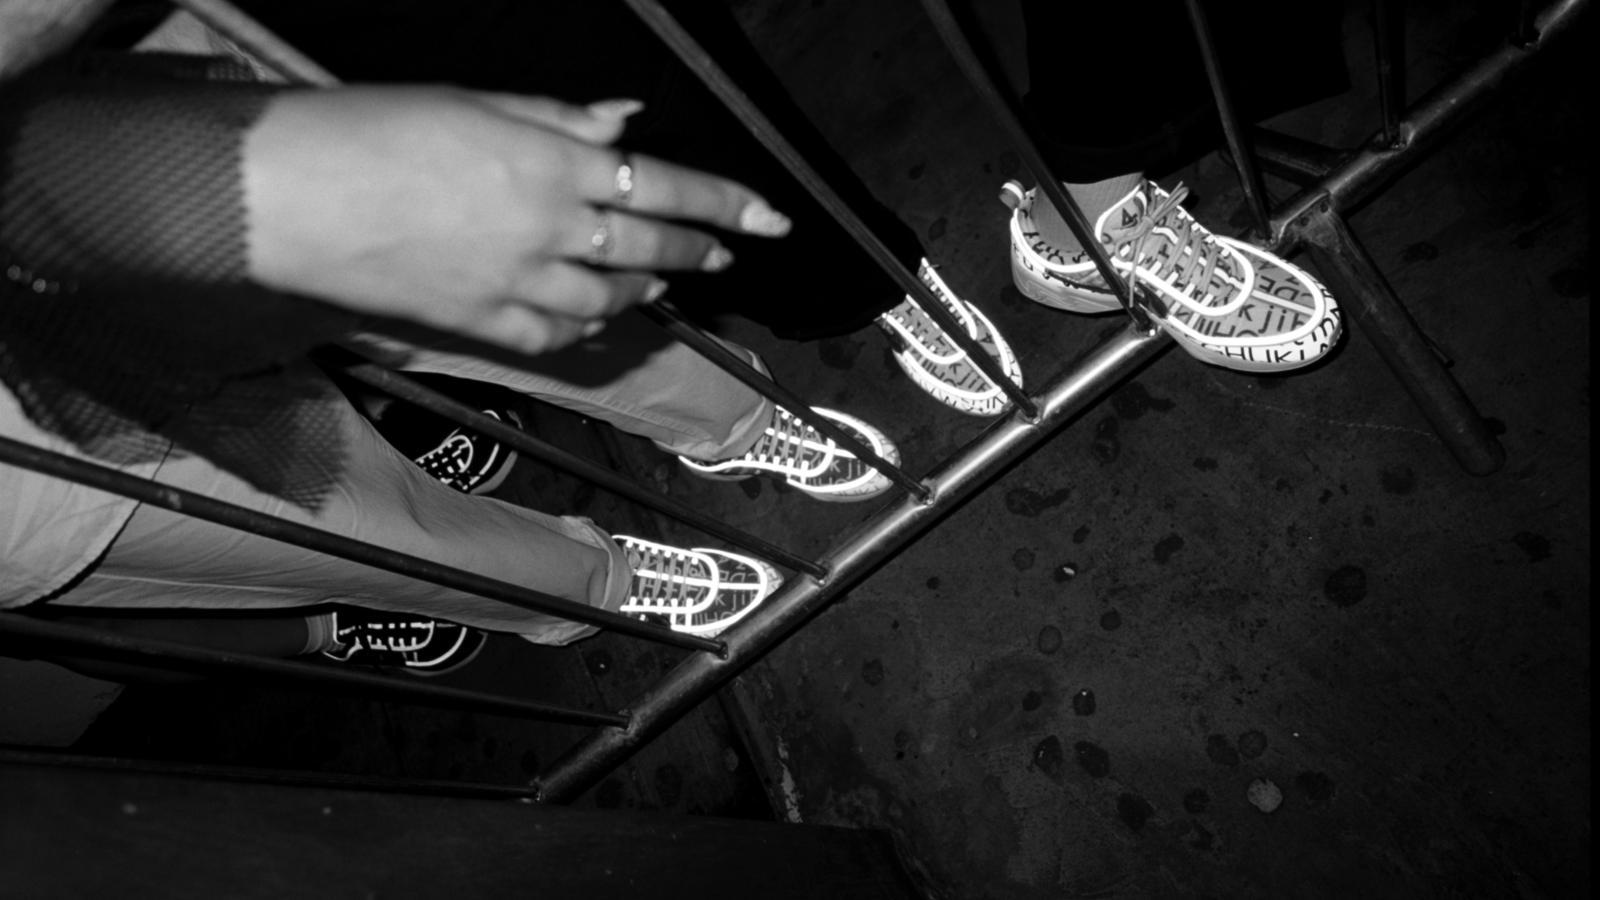 ロンドン地下鉄発のファッションブランドROUNDEL LONDONのPOPUP STOREが日本のメトロに出現